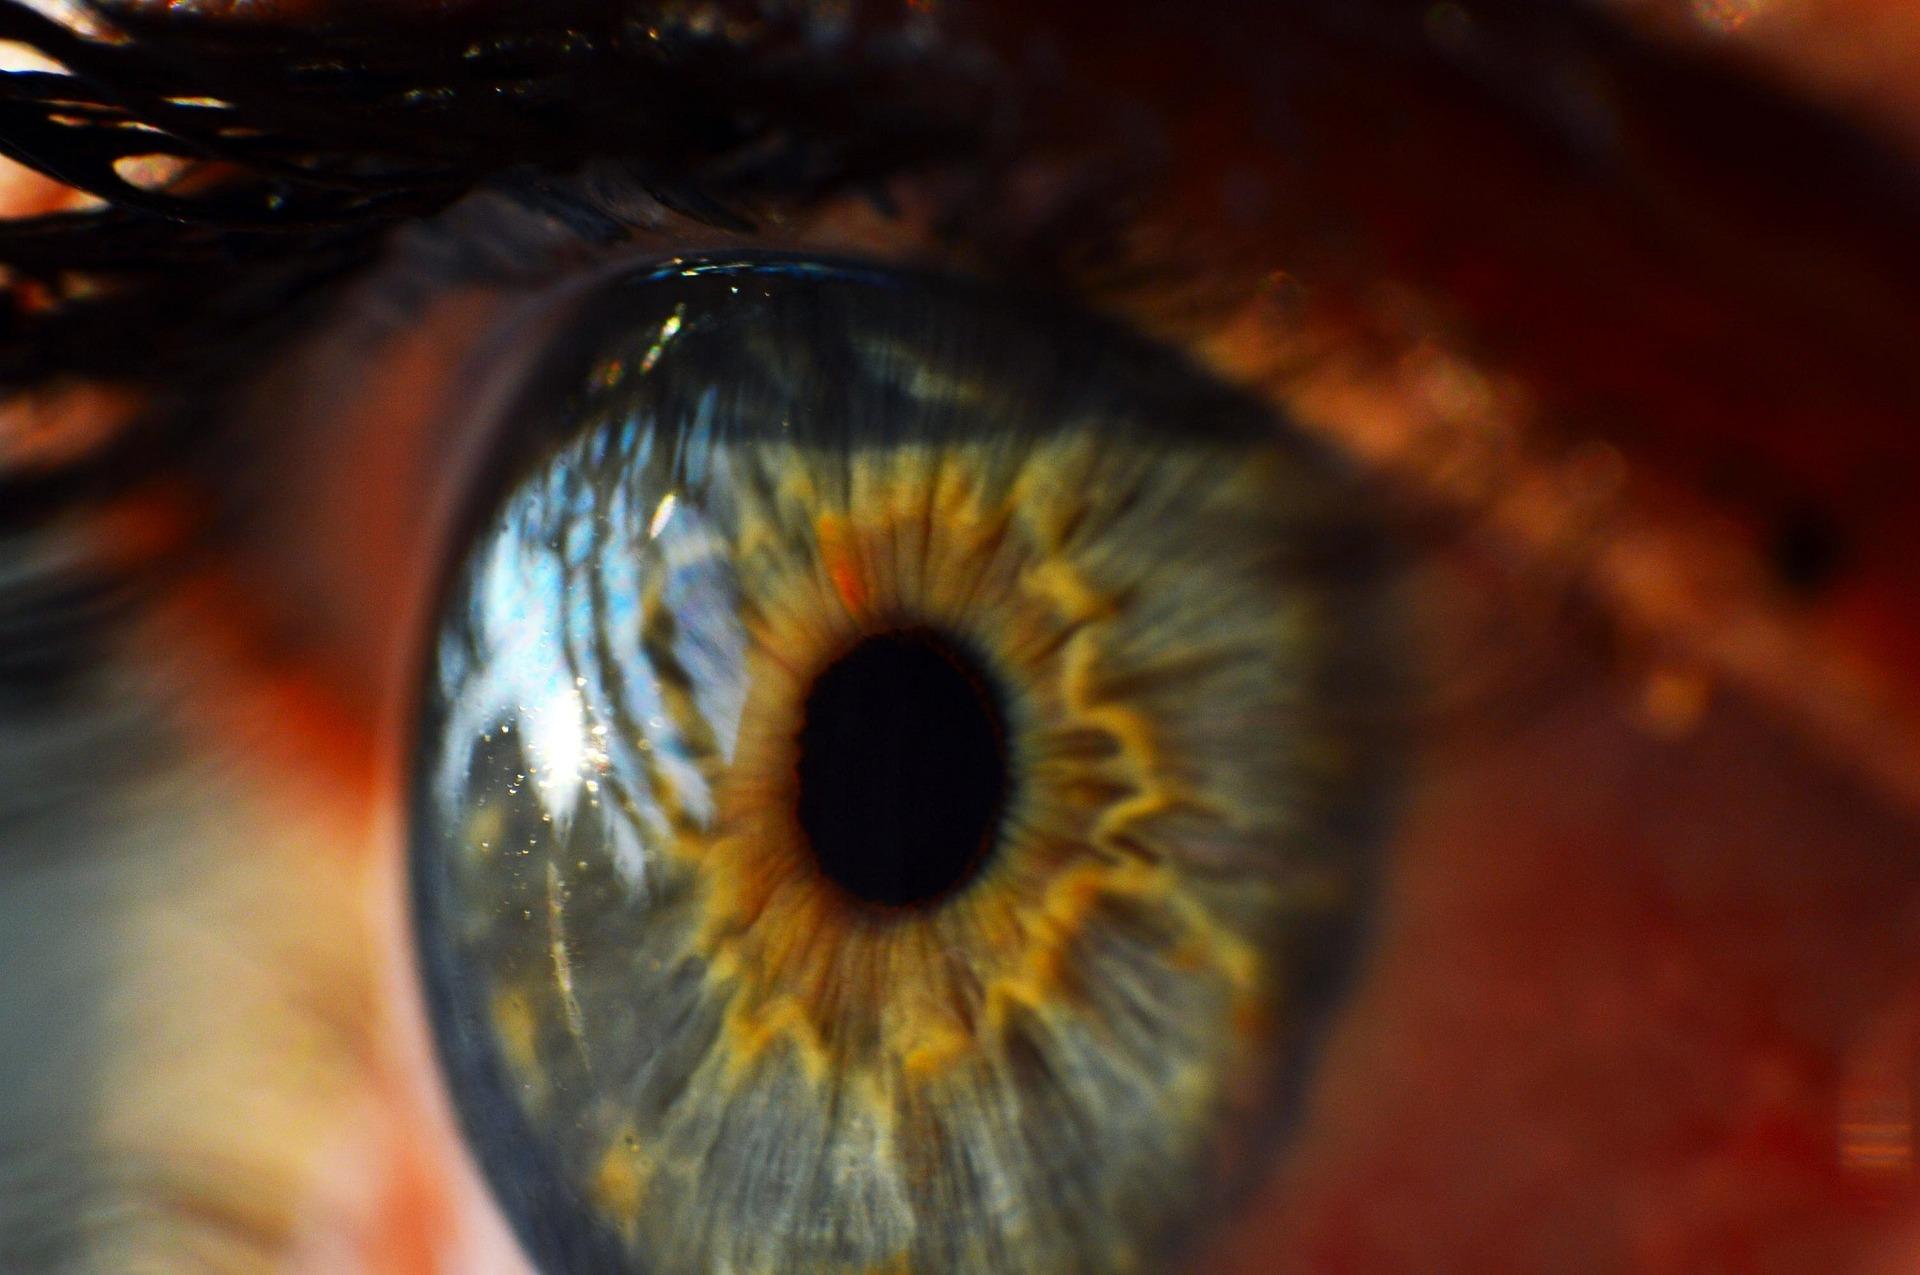 human-eye-995168_1920.jpg